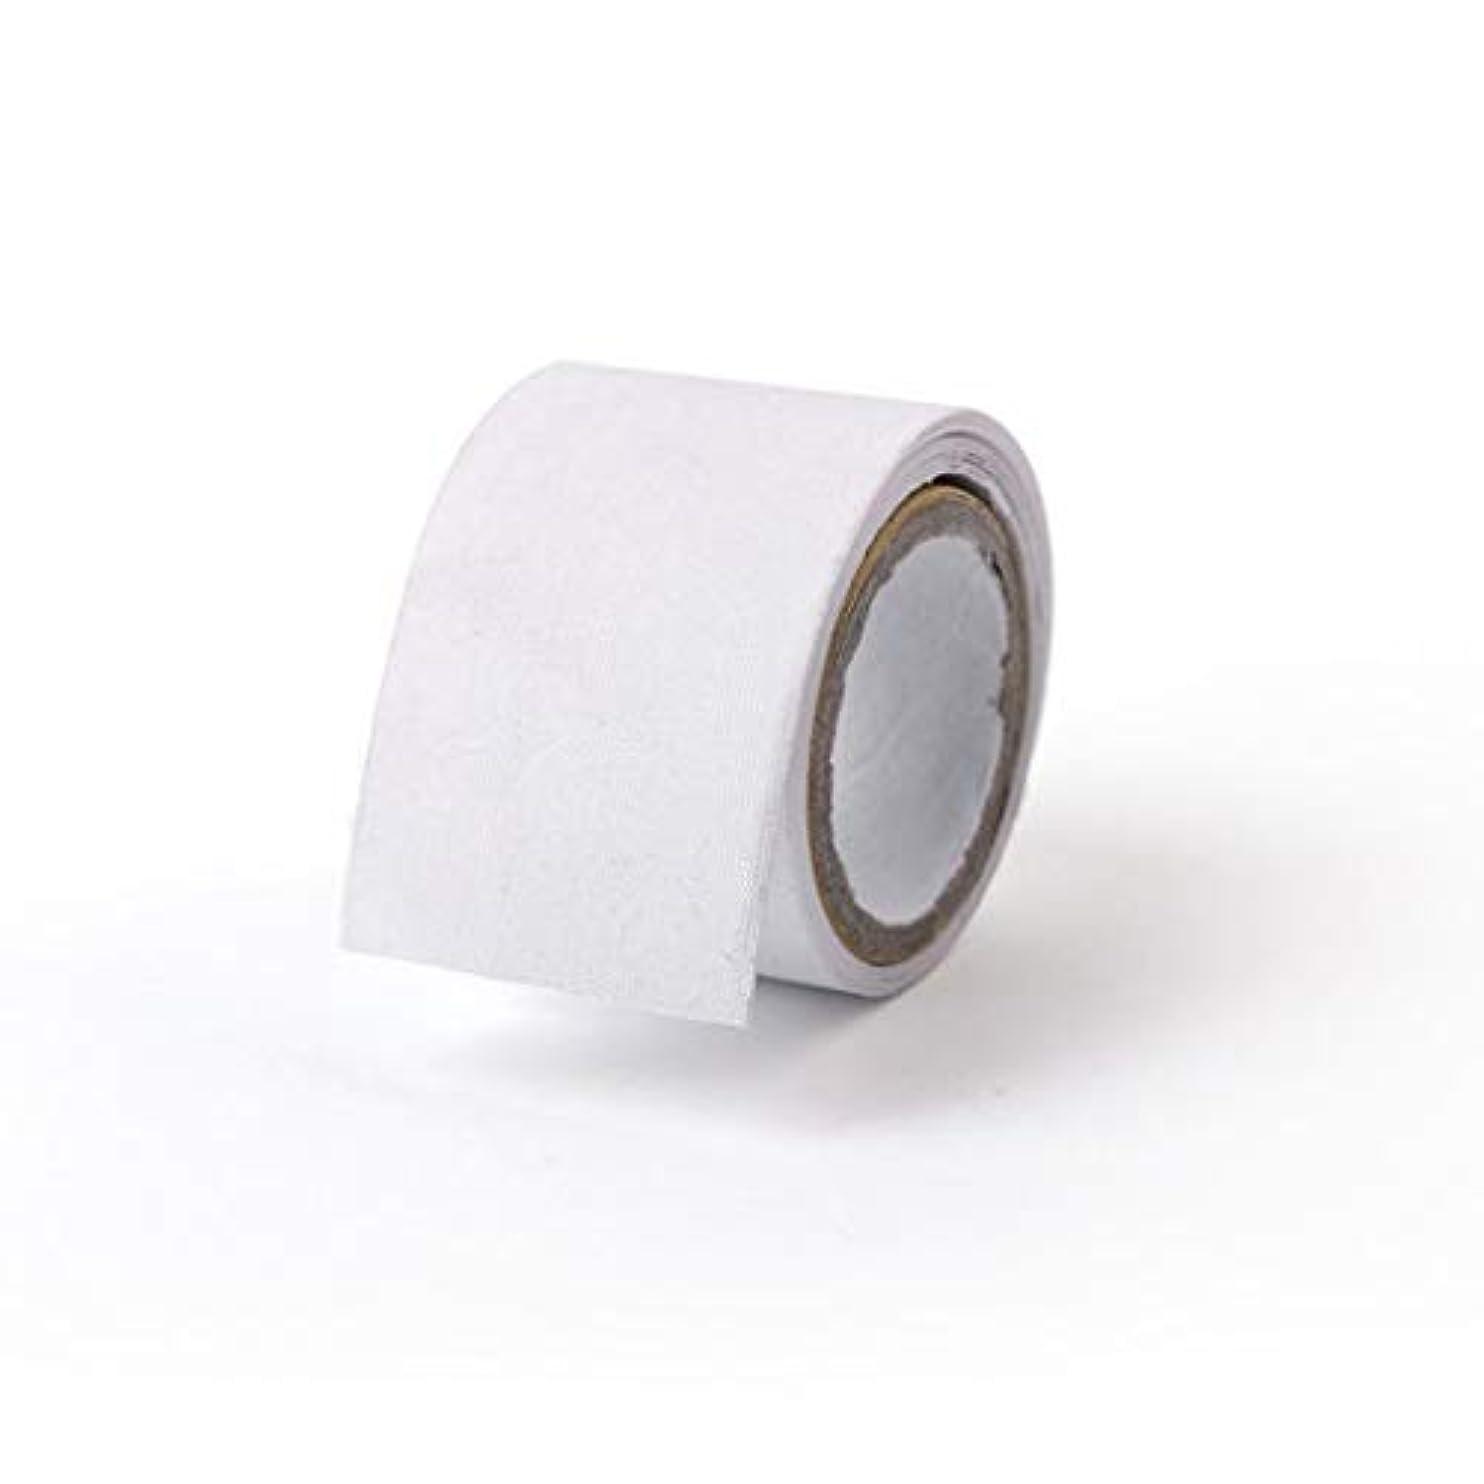 ペフレジリアル1st market マニキュアシルクネイルラップネイルアートセルフスティックツールは白1ロールが含まれています丈夫で便利